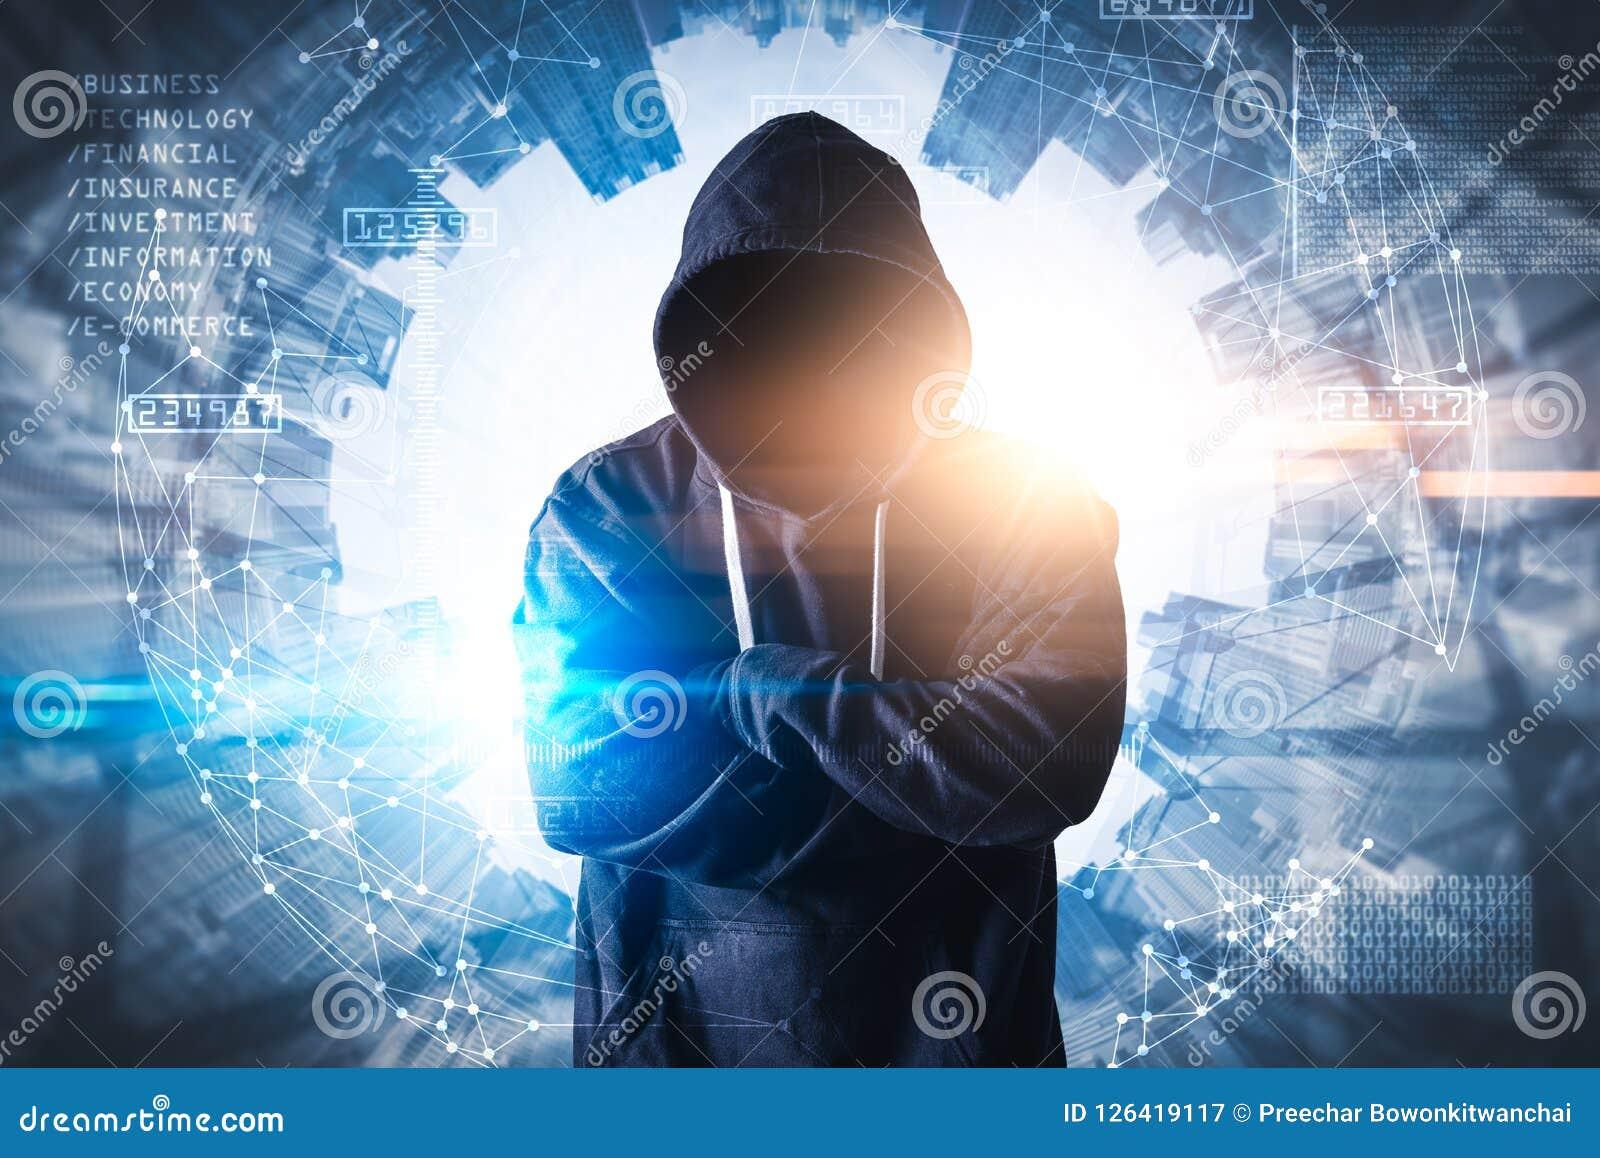 L image abstraite du recouvrement debout de pirate informatique avec l hologramme futuriste et le futur paysage urbain est contex